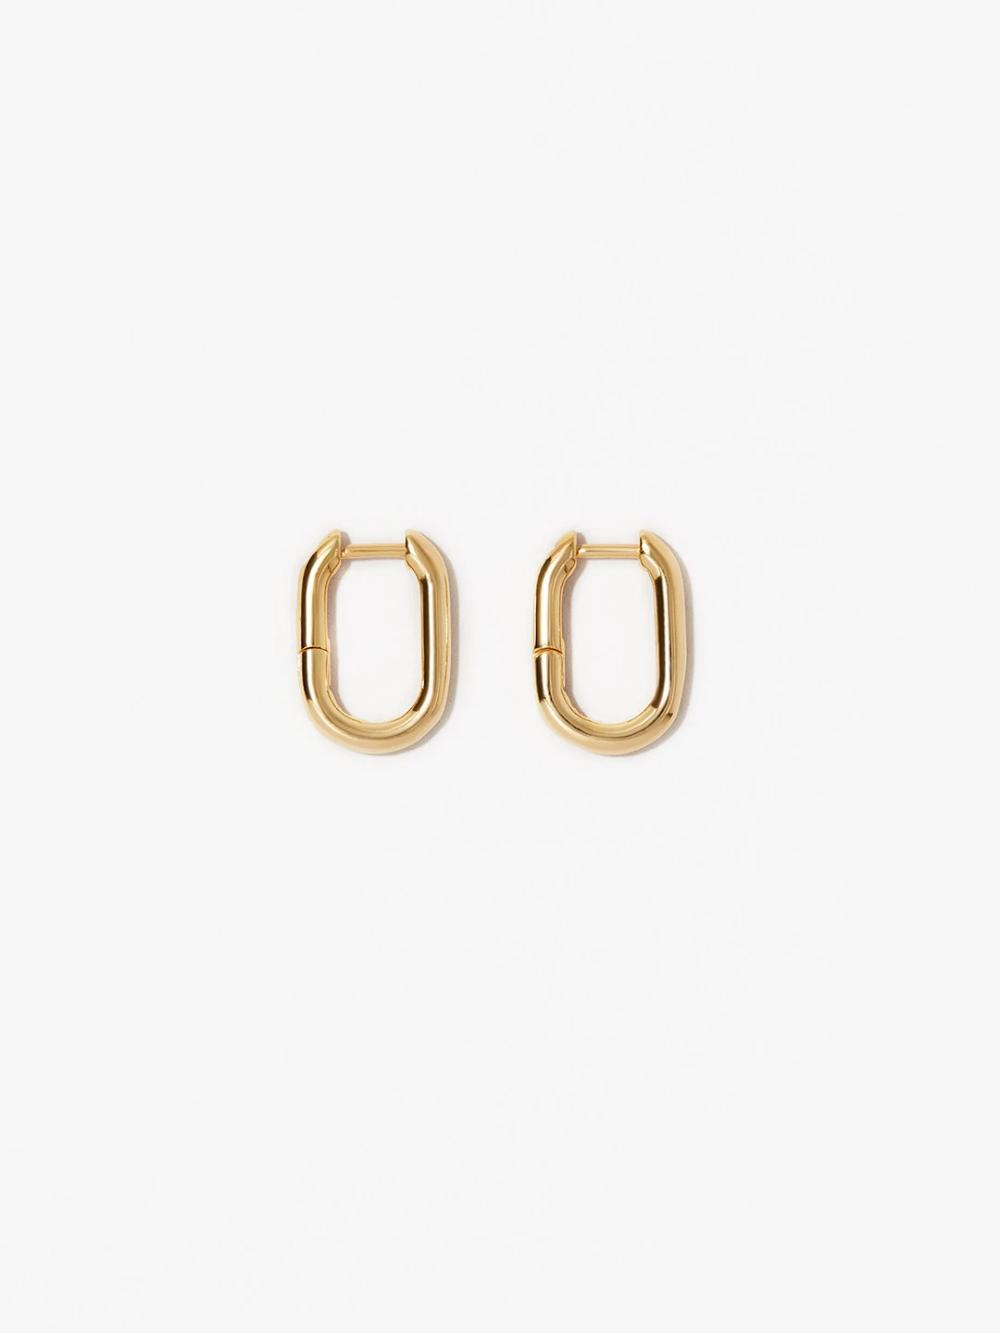 Gold Hoop Earrings Rox Mini Gold Hoop Earrings Gold Hoops Huggie Earrings Silver